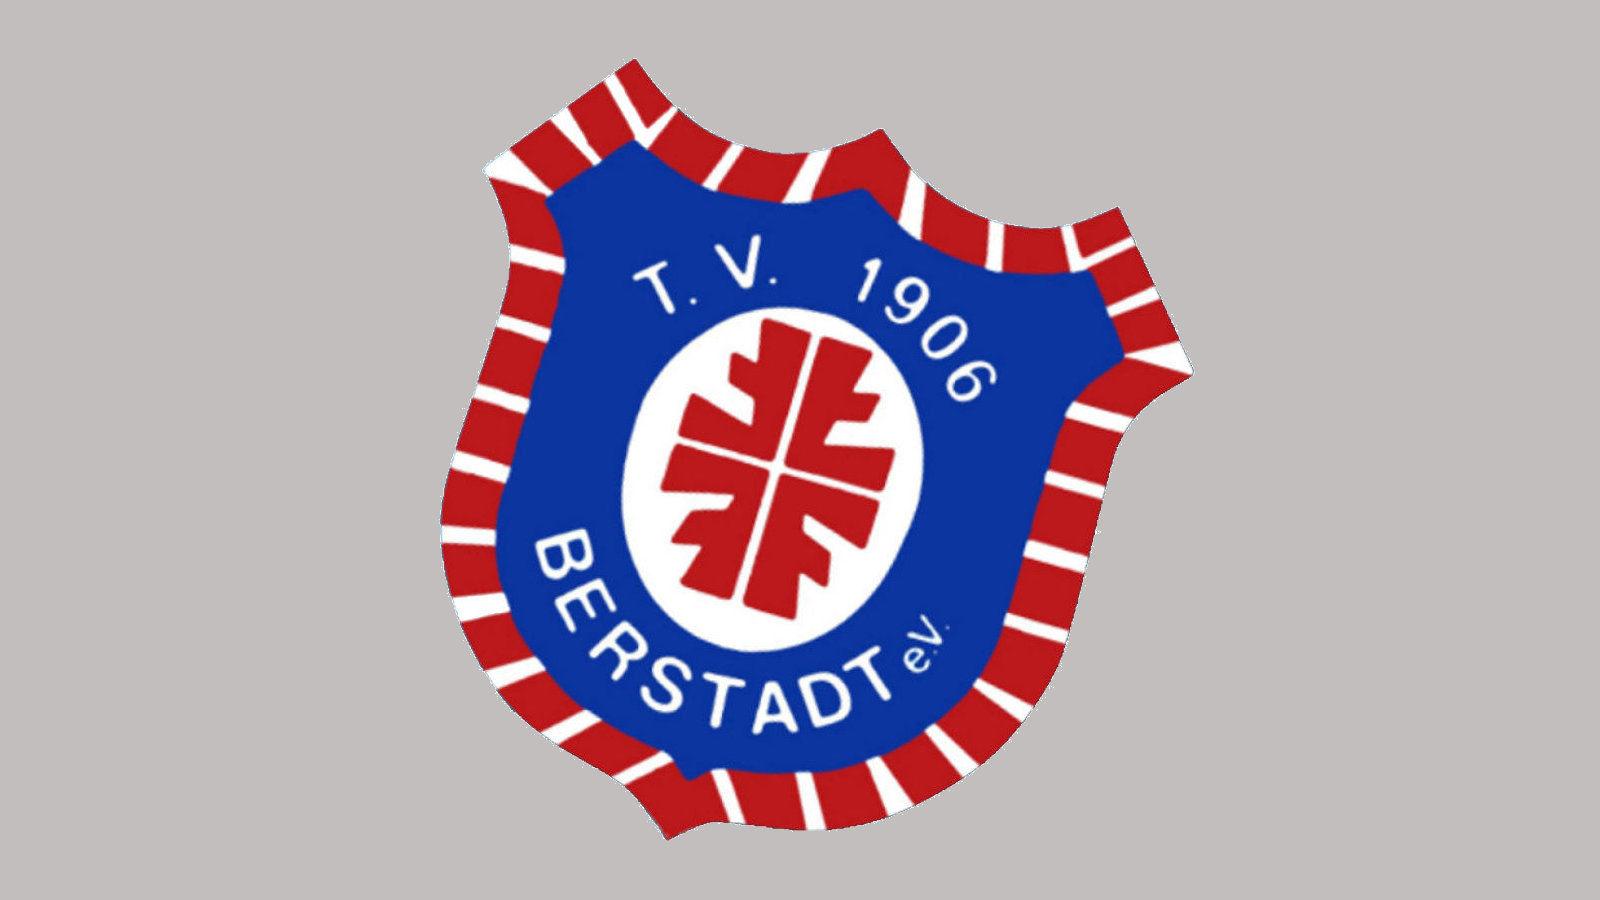 Turnverein 1906 Berstadt e.V.